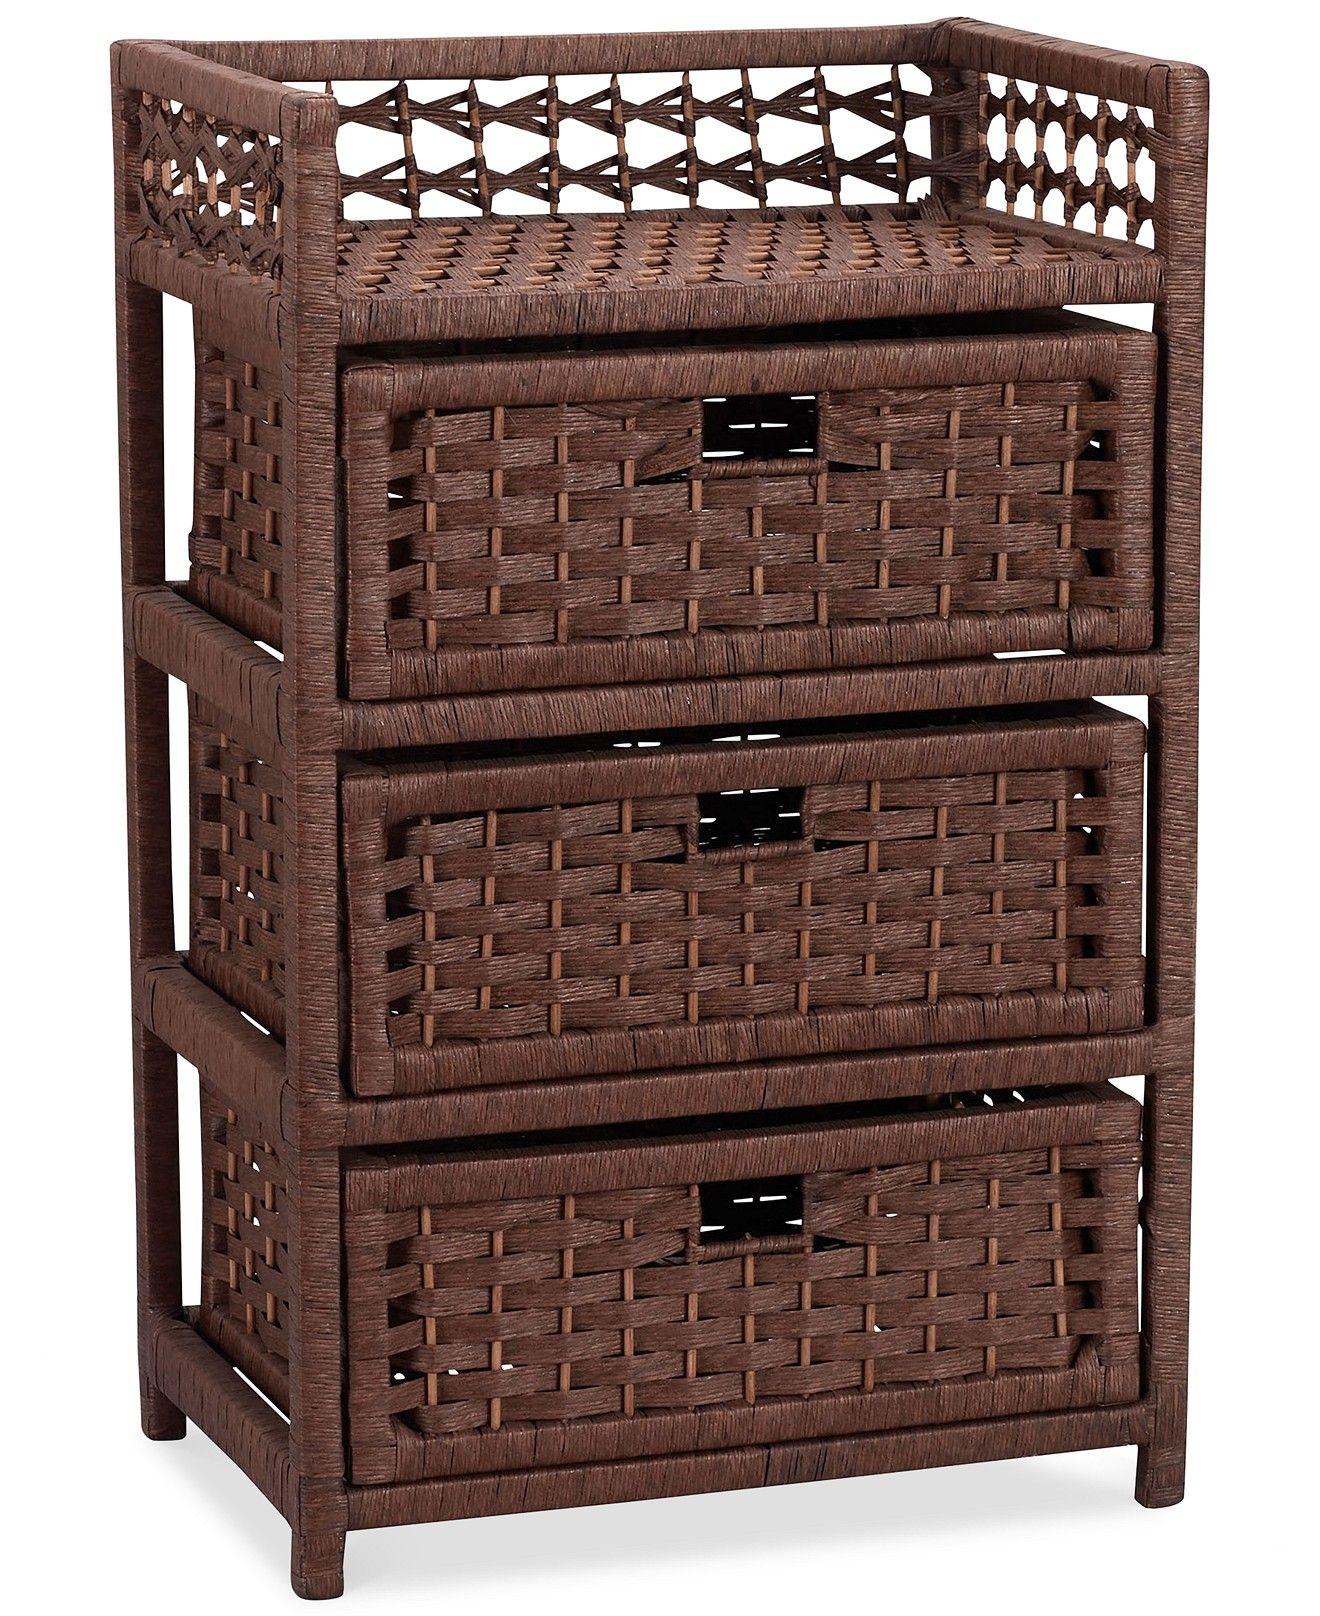 Best Storage Chest 3 Drawer Paper Rope Wicker Furniture 640 x 480